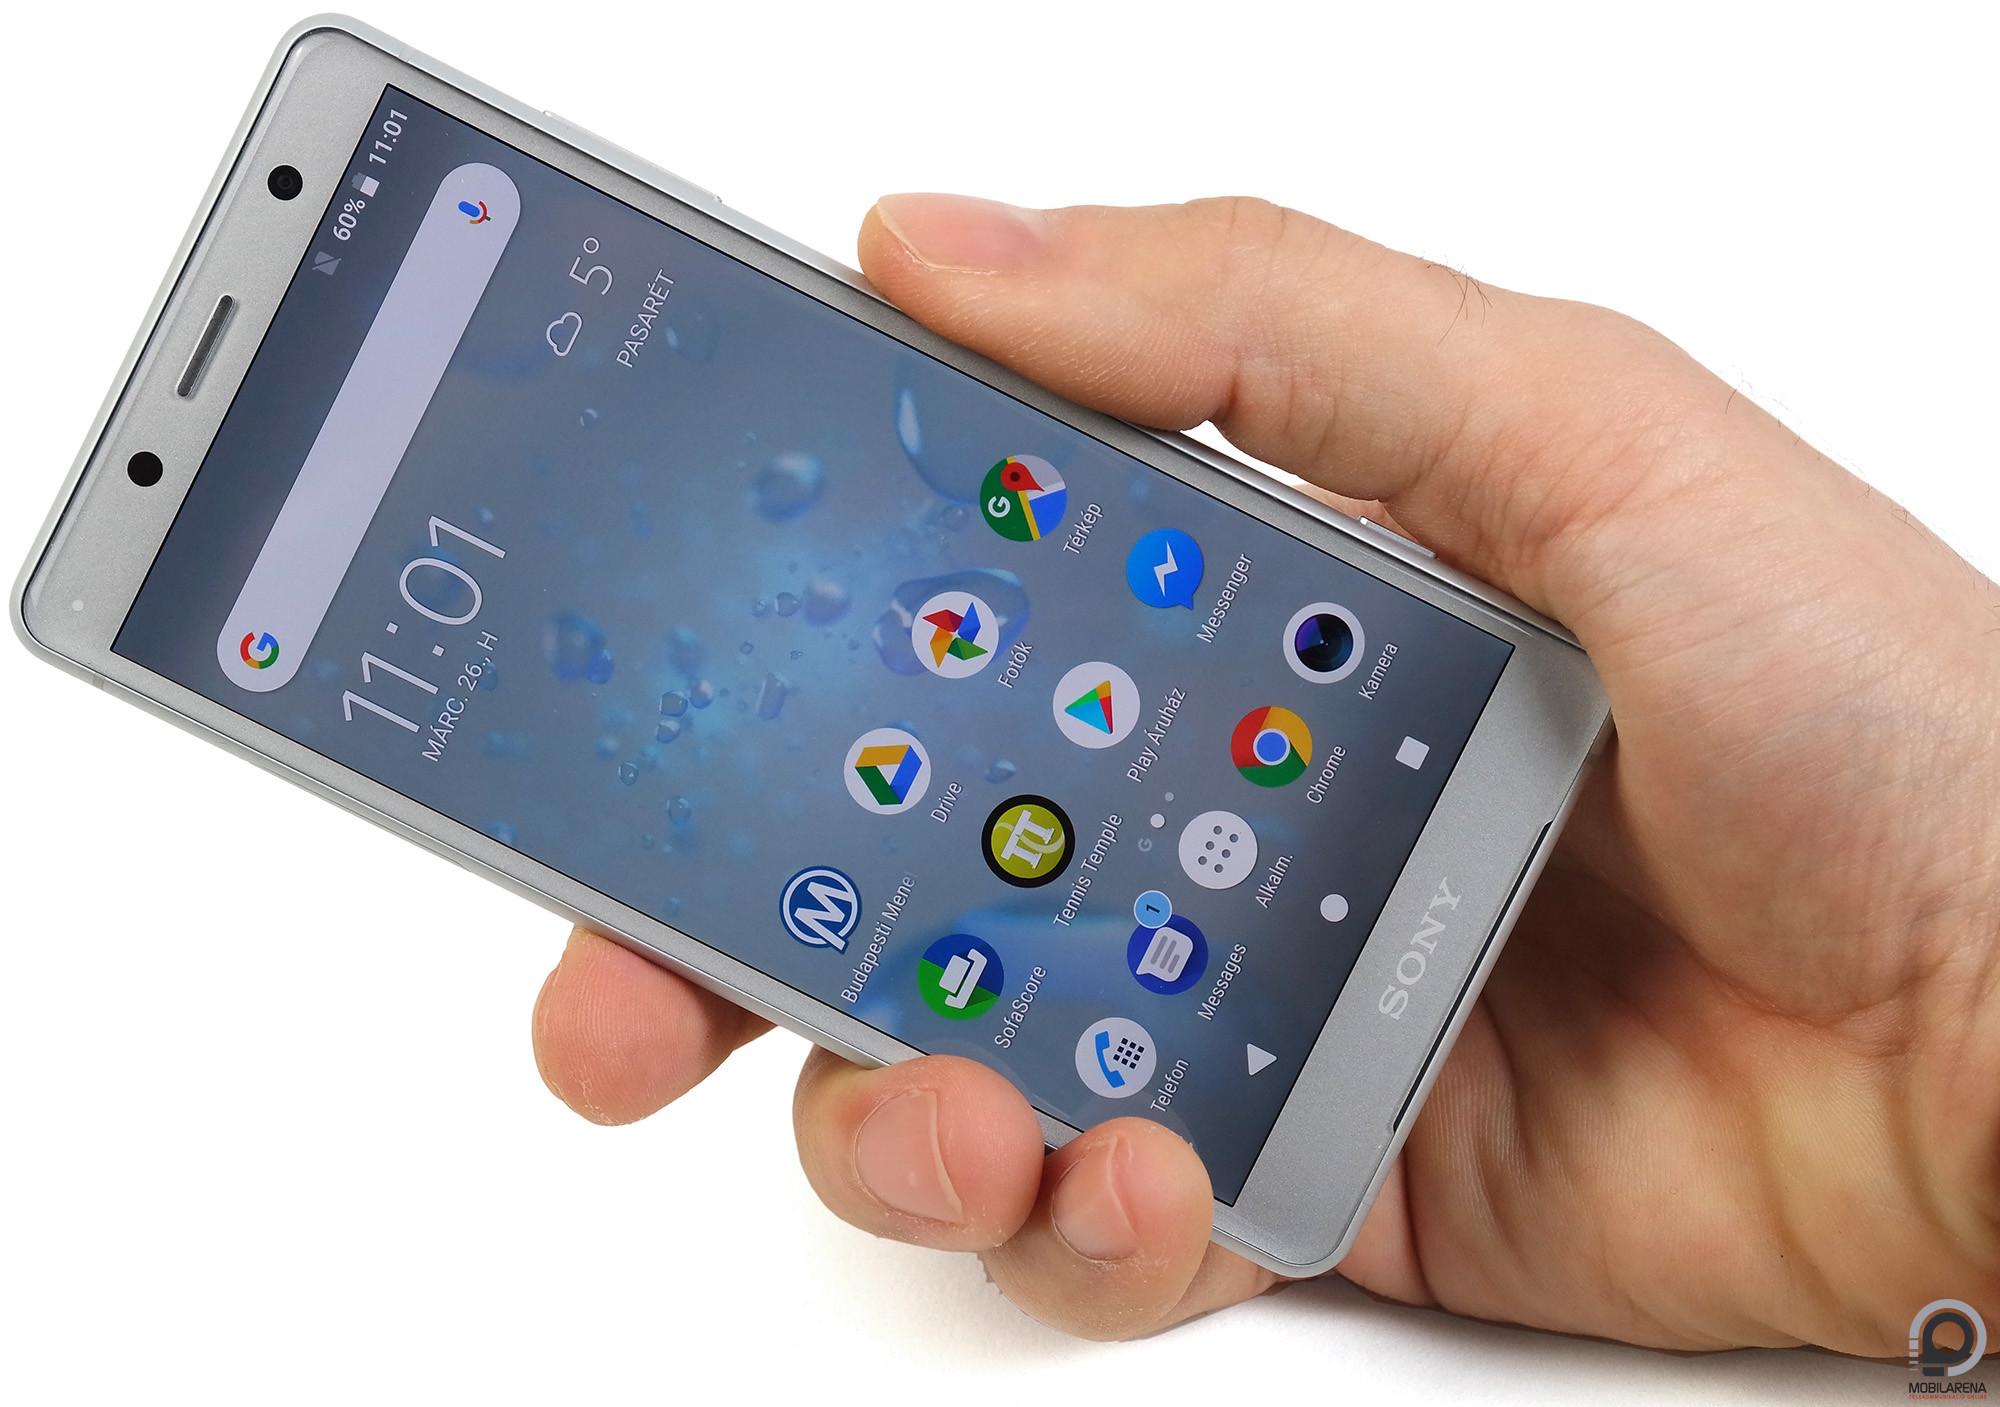 Az Xperia telefonok az elmúlt években a gyártó legjavát és legrosszabb  tulajdonságait kombinálták 934b1ac554